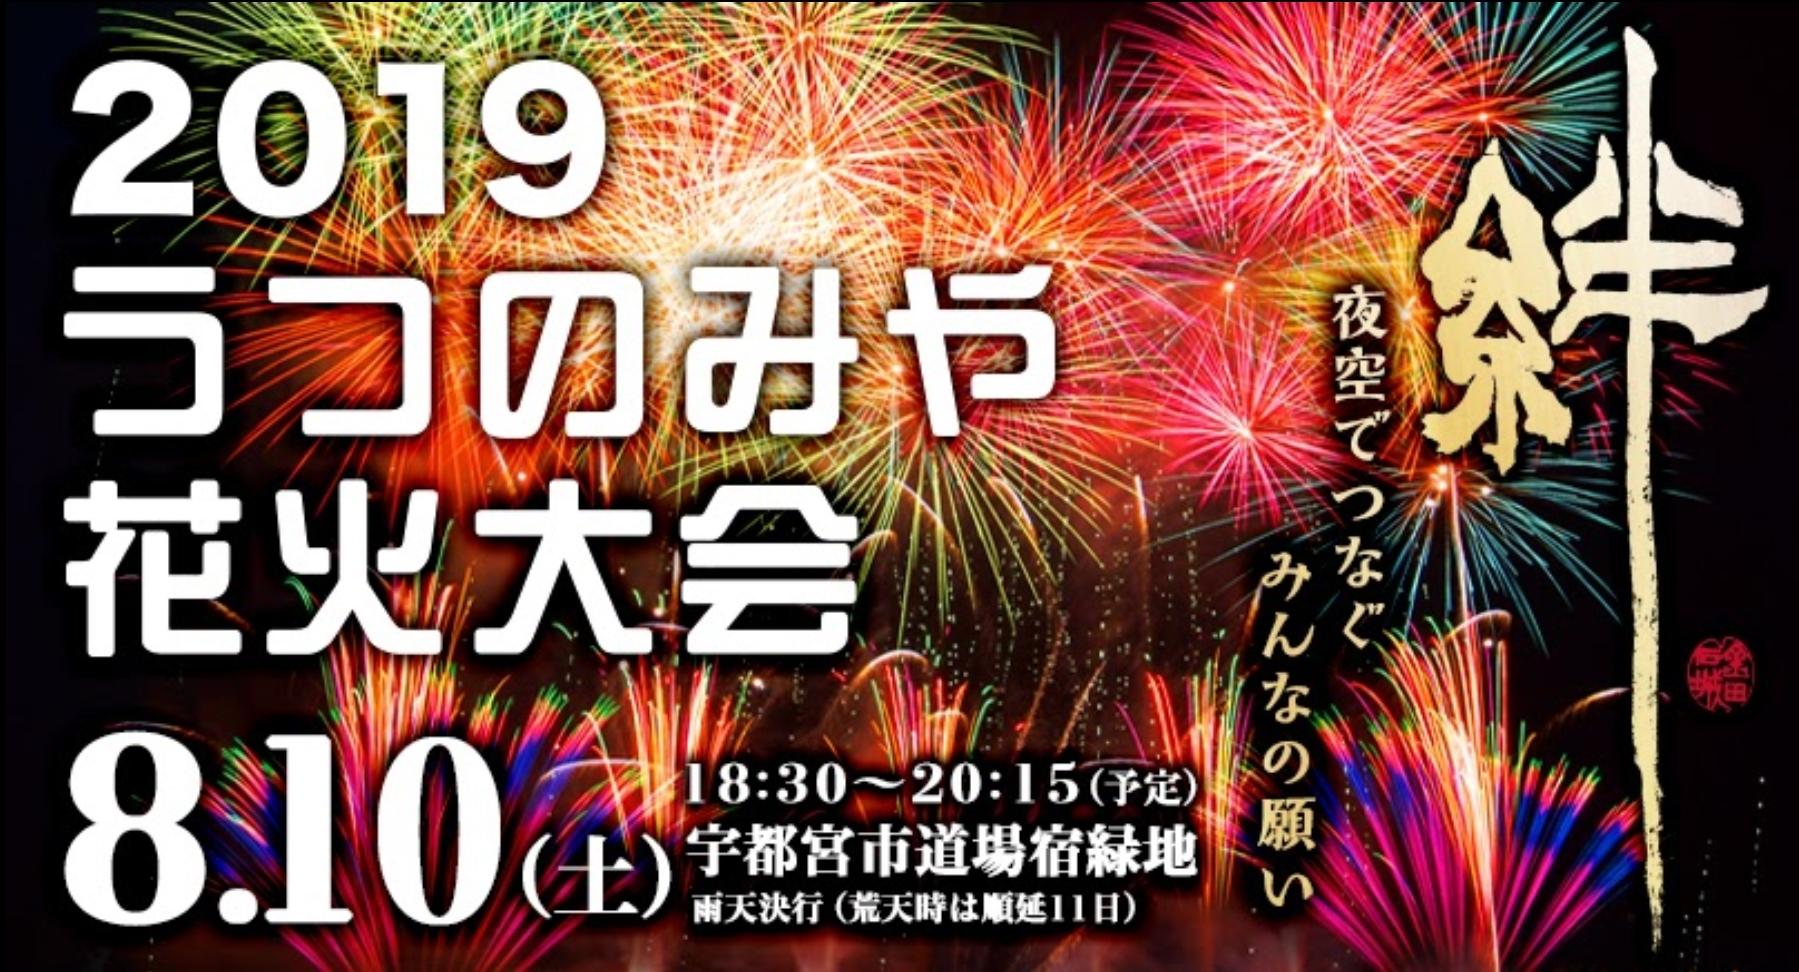 宇都宮の花火大会『2019うつのみや花火大会』【プログラム・チケット・場所・シャトルバス】